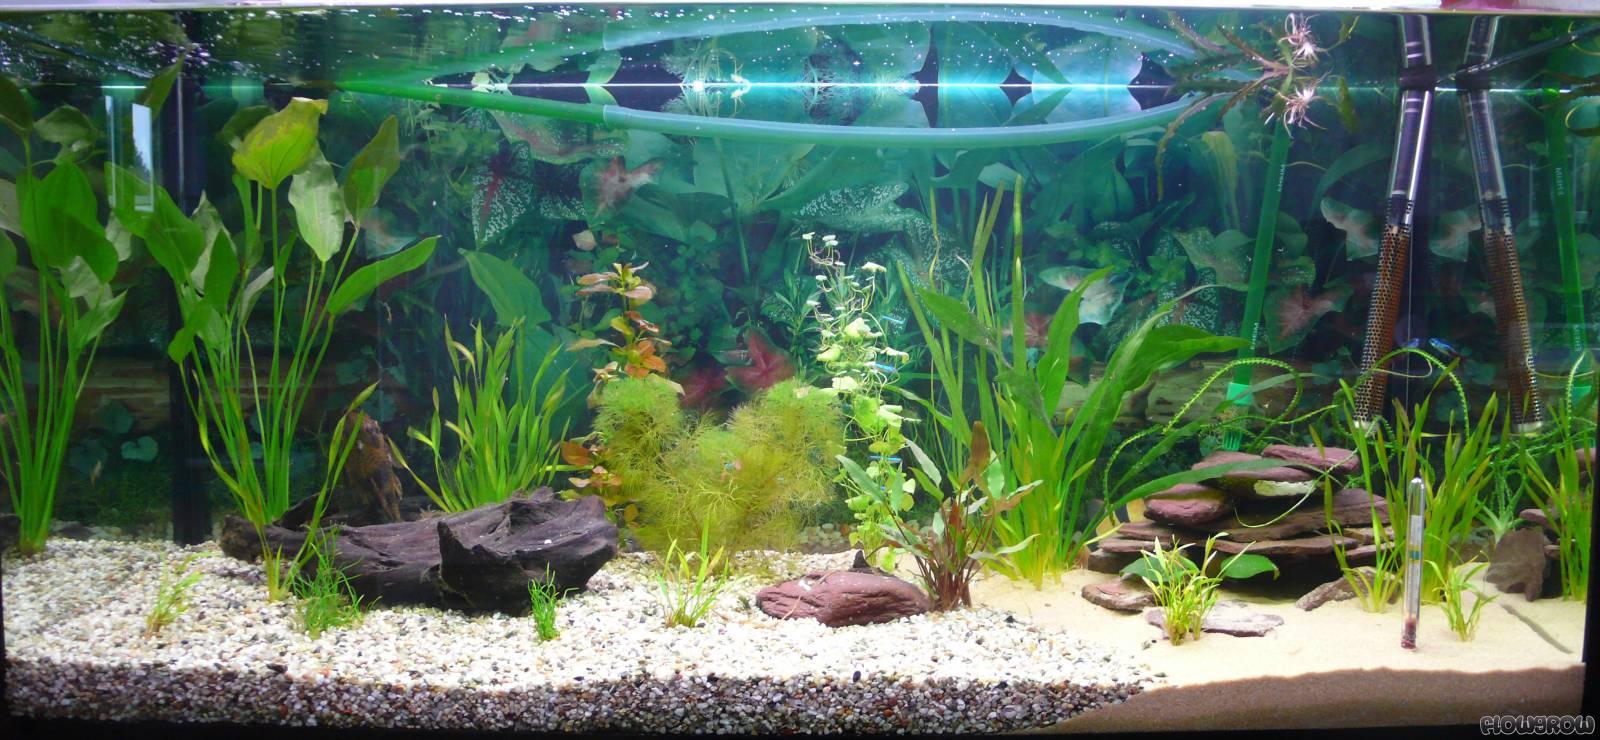 aquarium 1 200l flowgrow aquascape aquarien datenbank. Black Bedroom Furniture Sets. Home Design Ideas